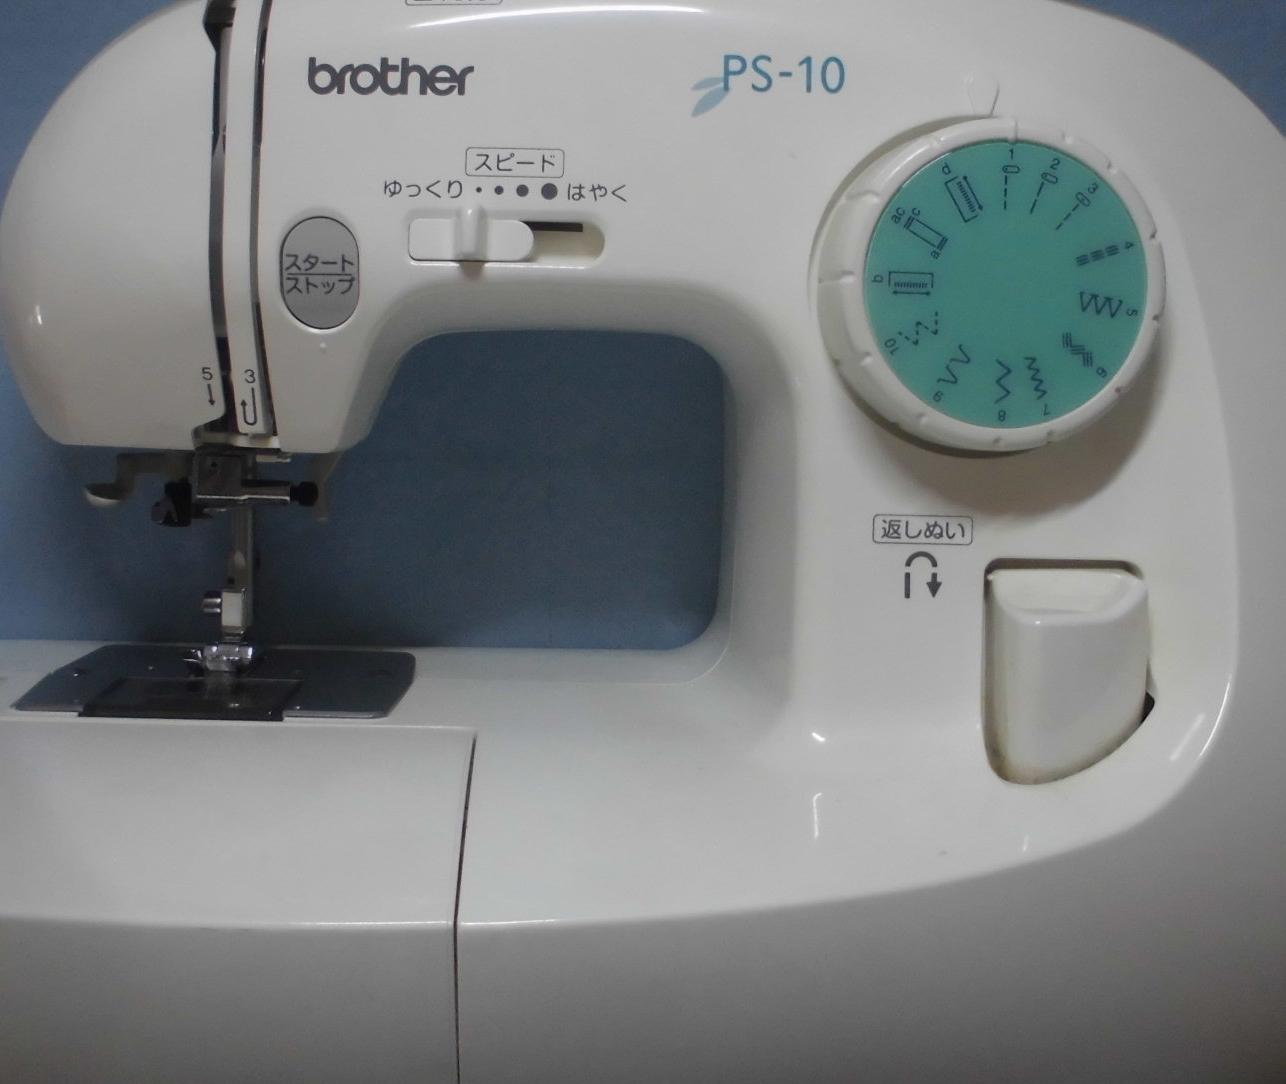 ブラザーミシン修理|EL125 PSE-10|下糸をすくわない、縫えない、動かない、固着